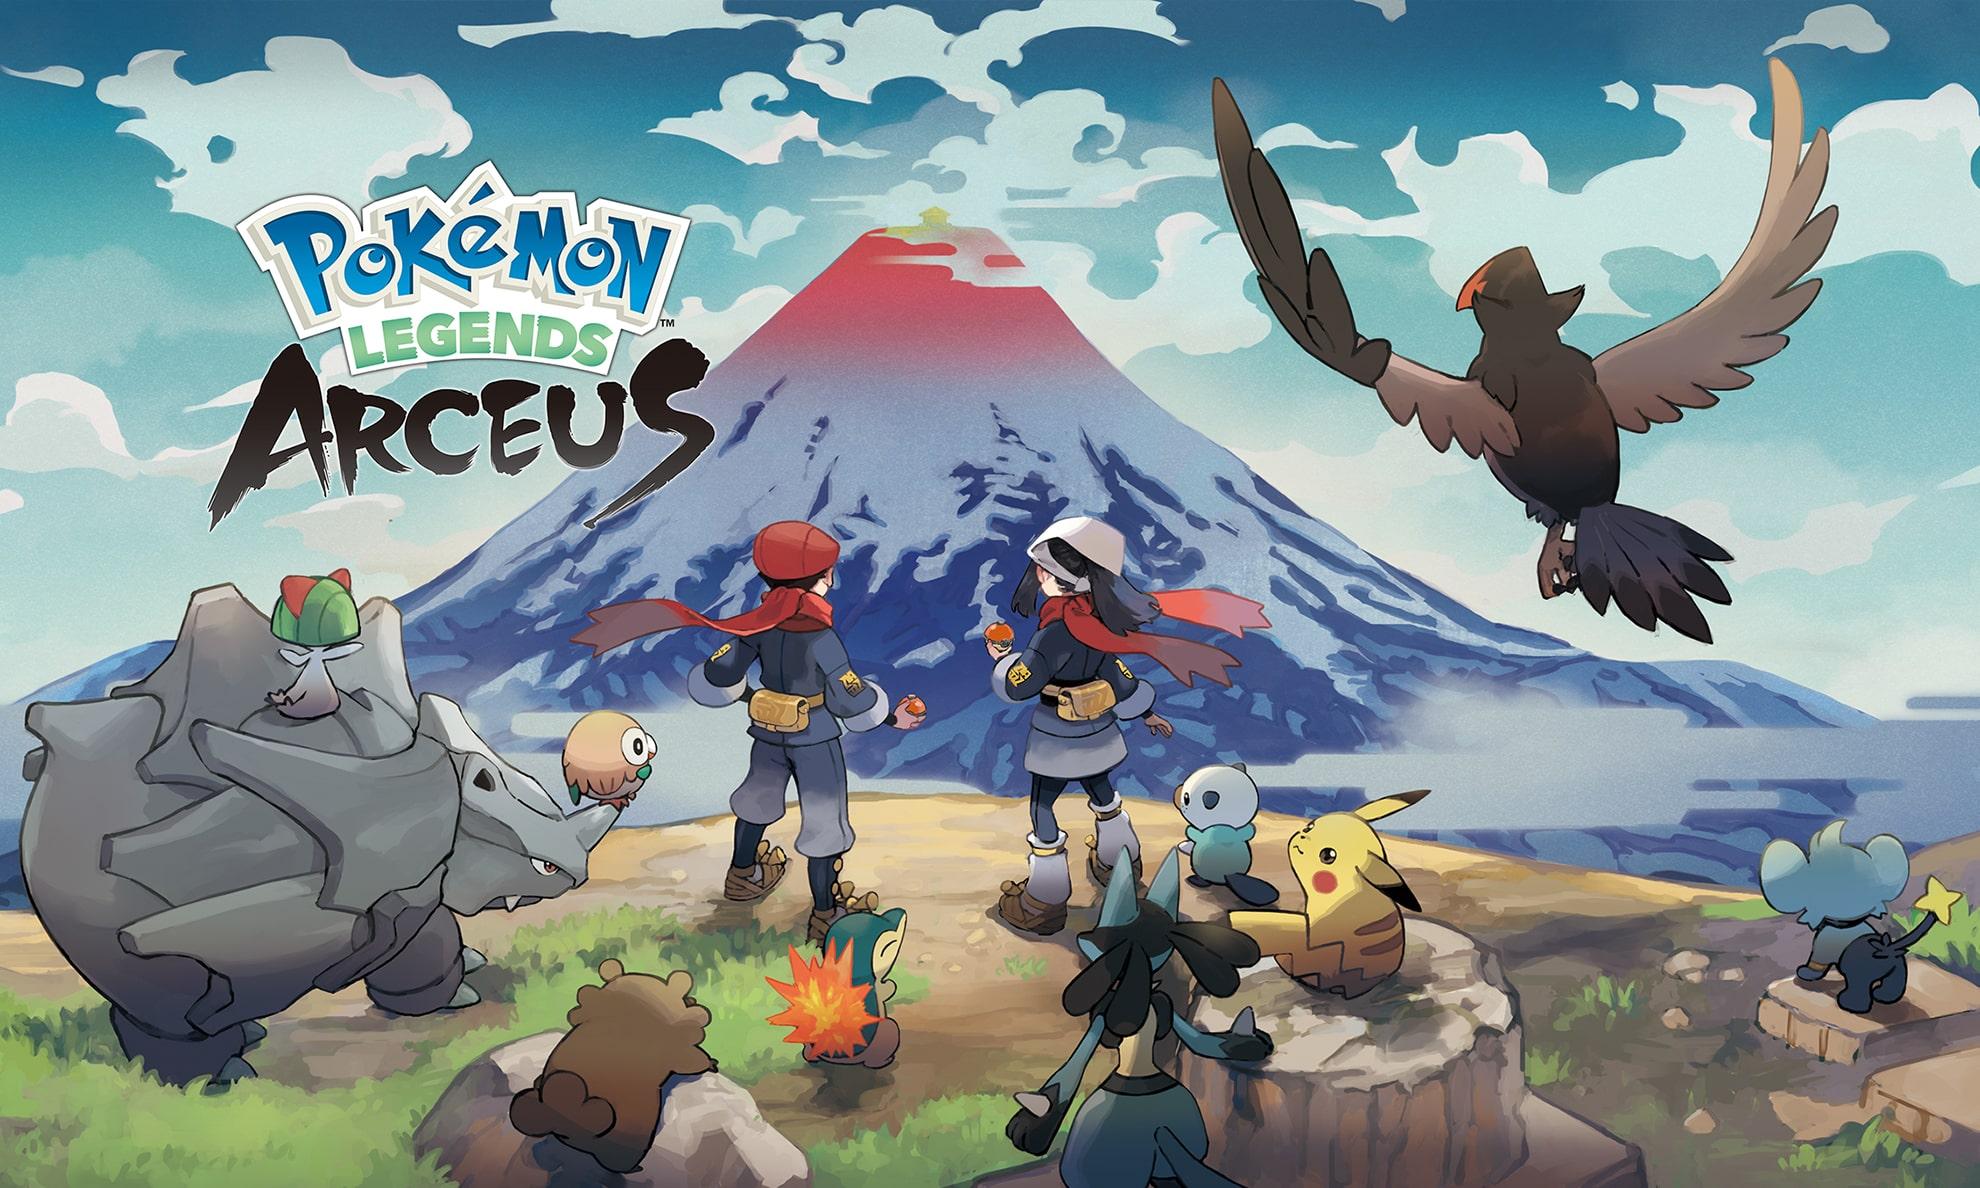 Nintendo 首款 Pokémon 开放世界 RPG 游戏发售日期公布